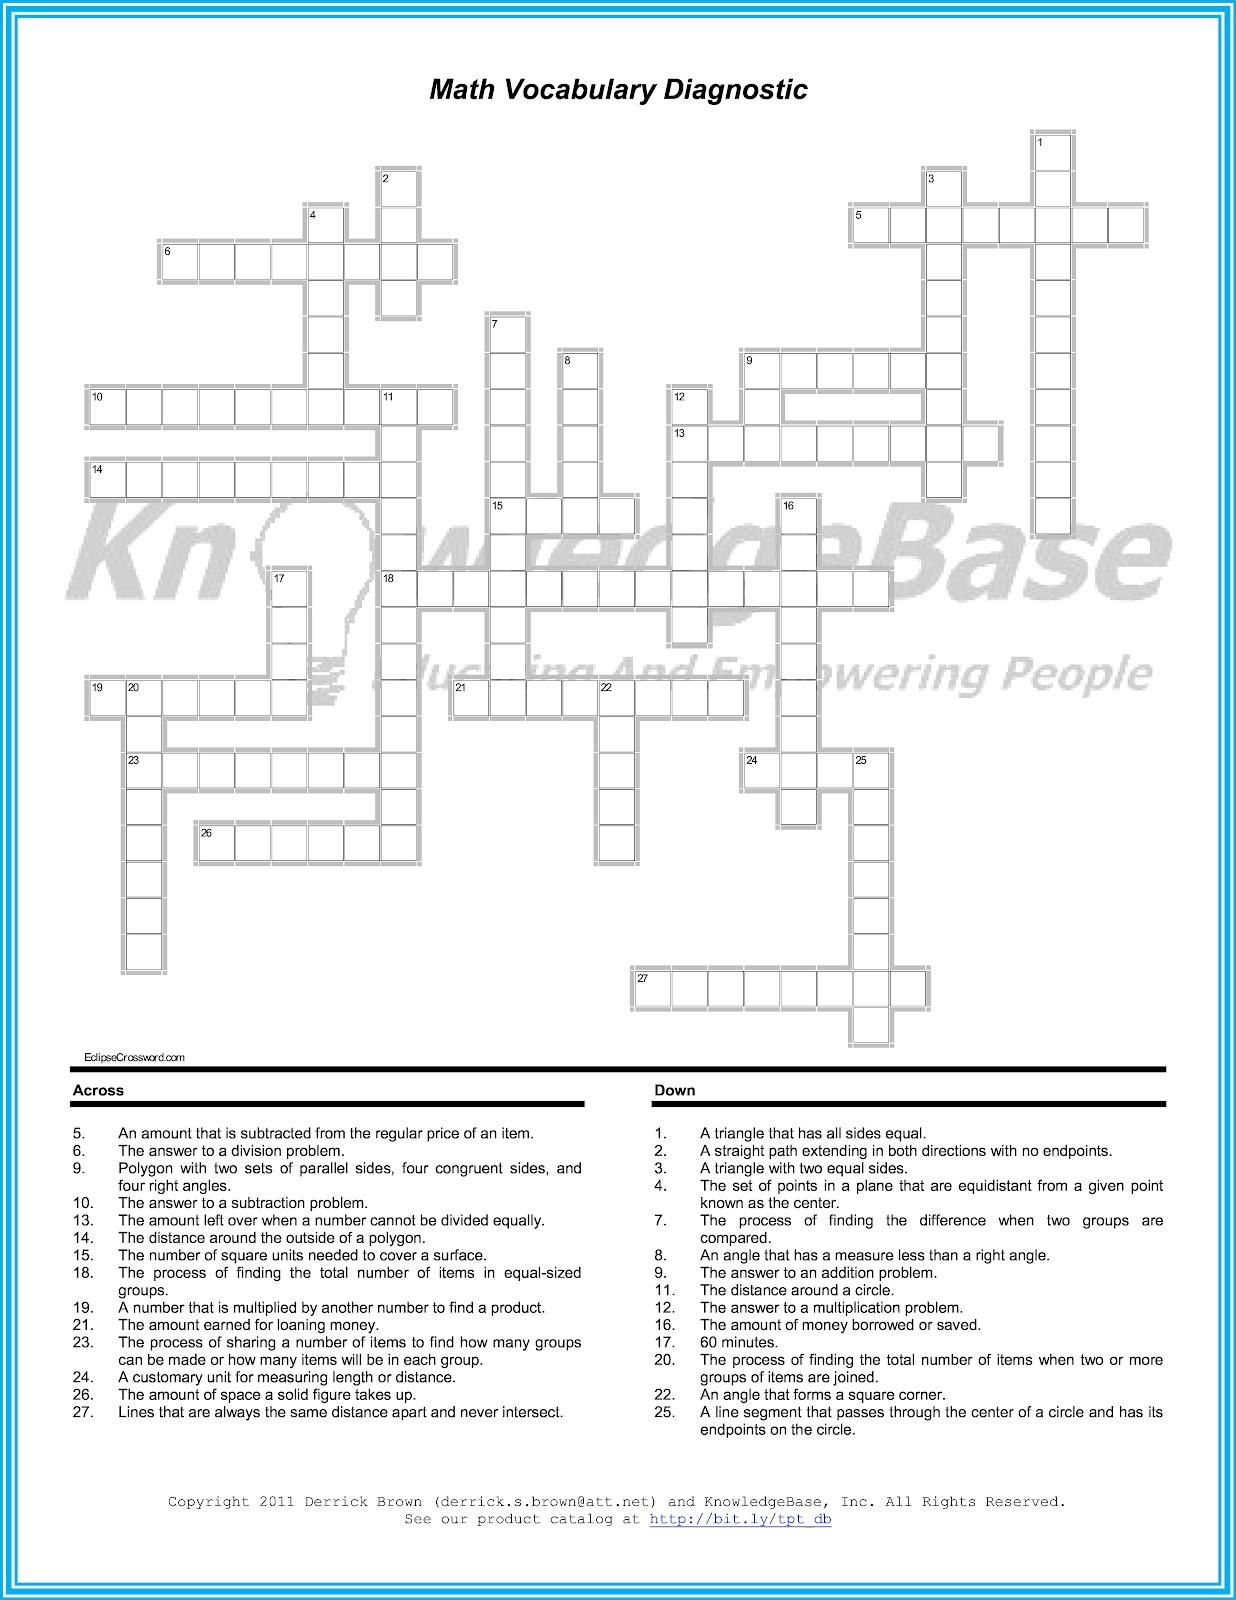 Worksheet Math Vocabulary Worksheets Grass Fedjp